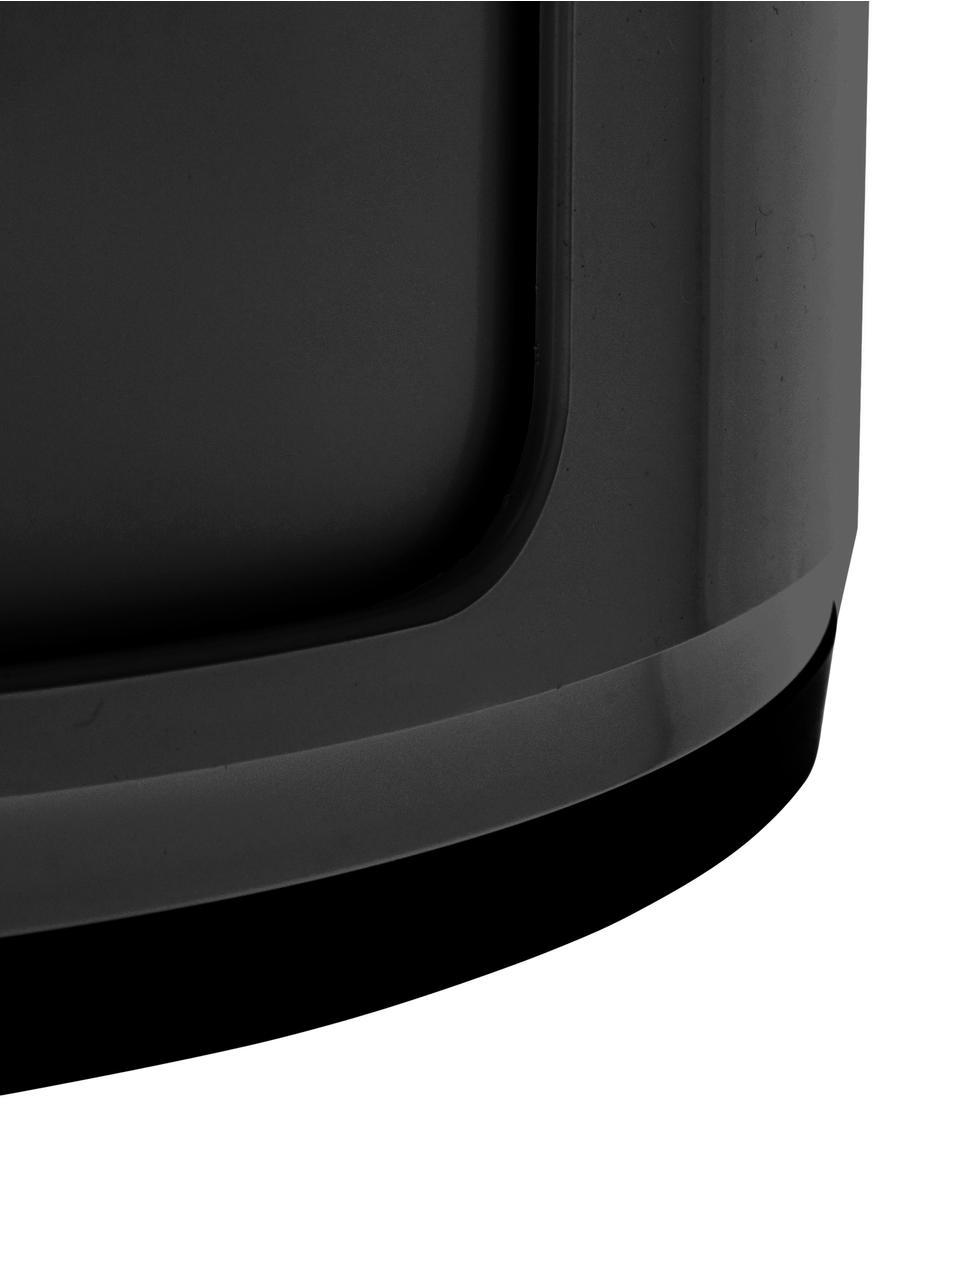 Design Container Componibili 3 Fächer, Kunststoff (ABS), lackiert, Schwarz, matt, Ø 32 x H 59 cm